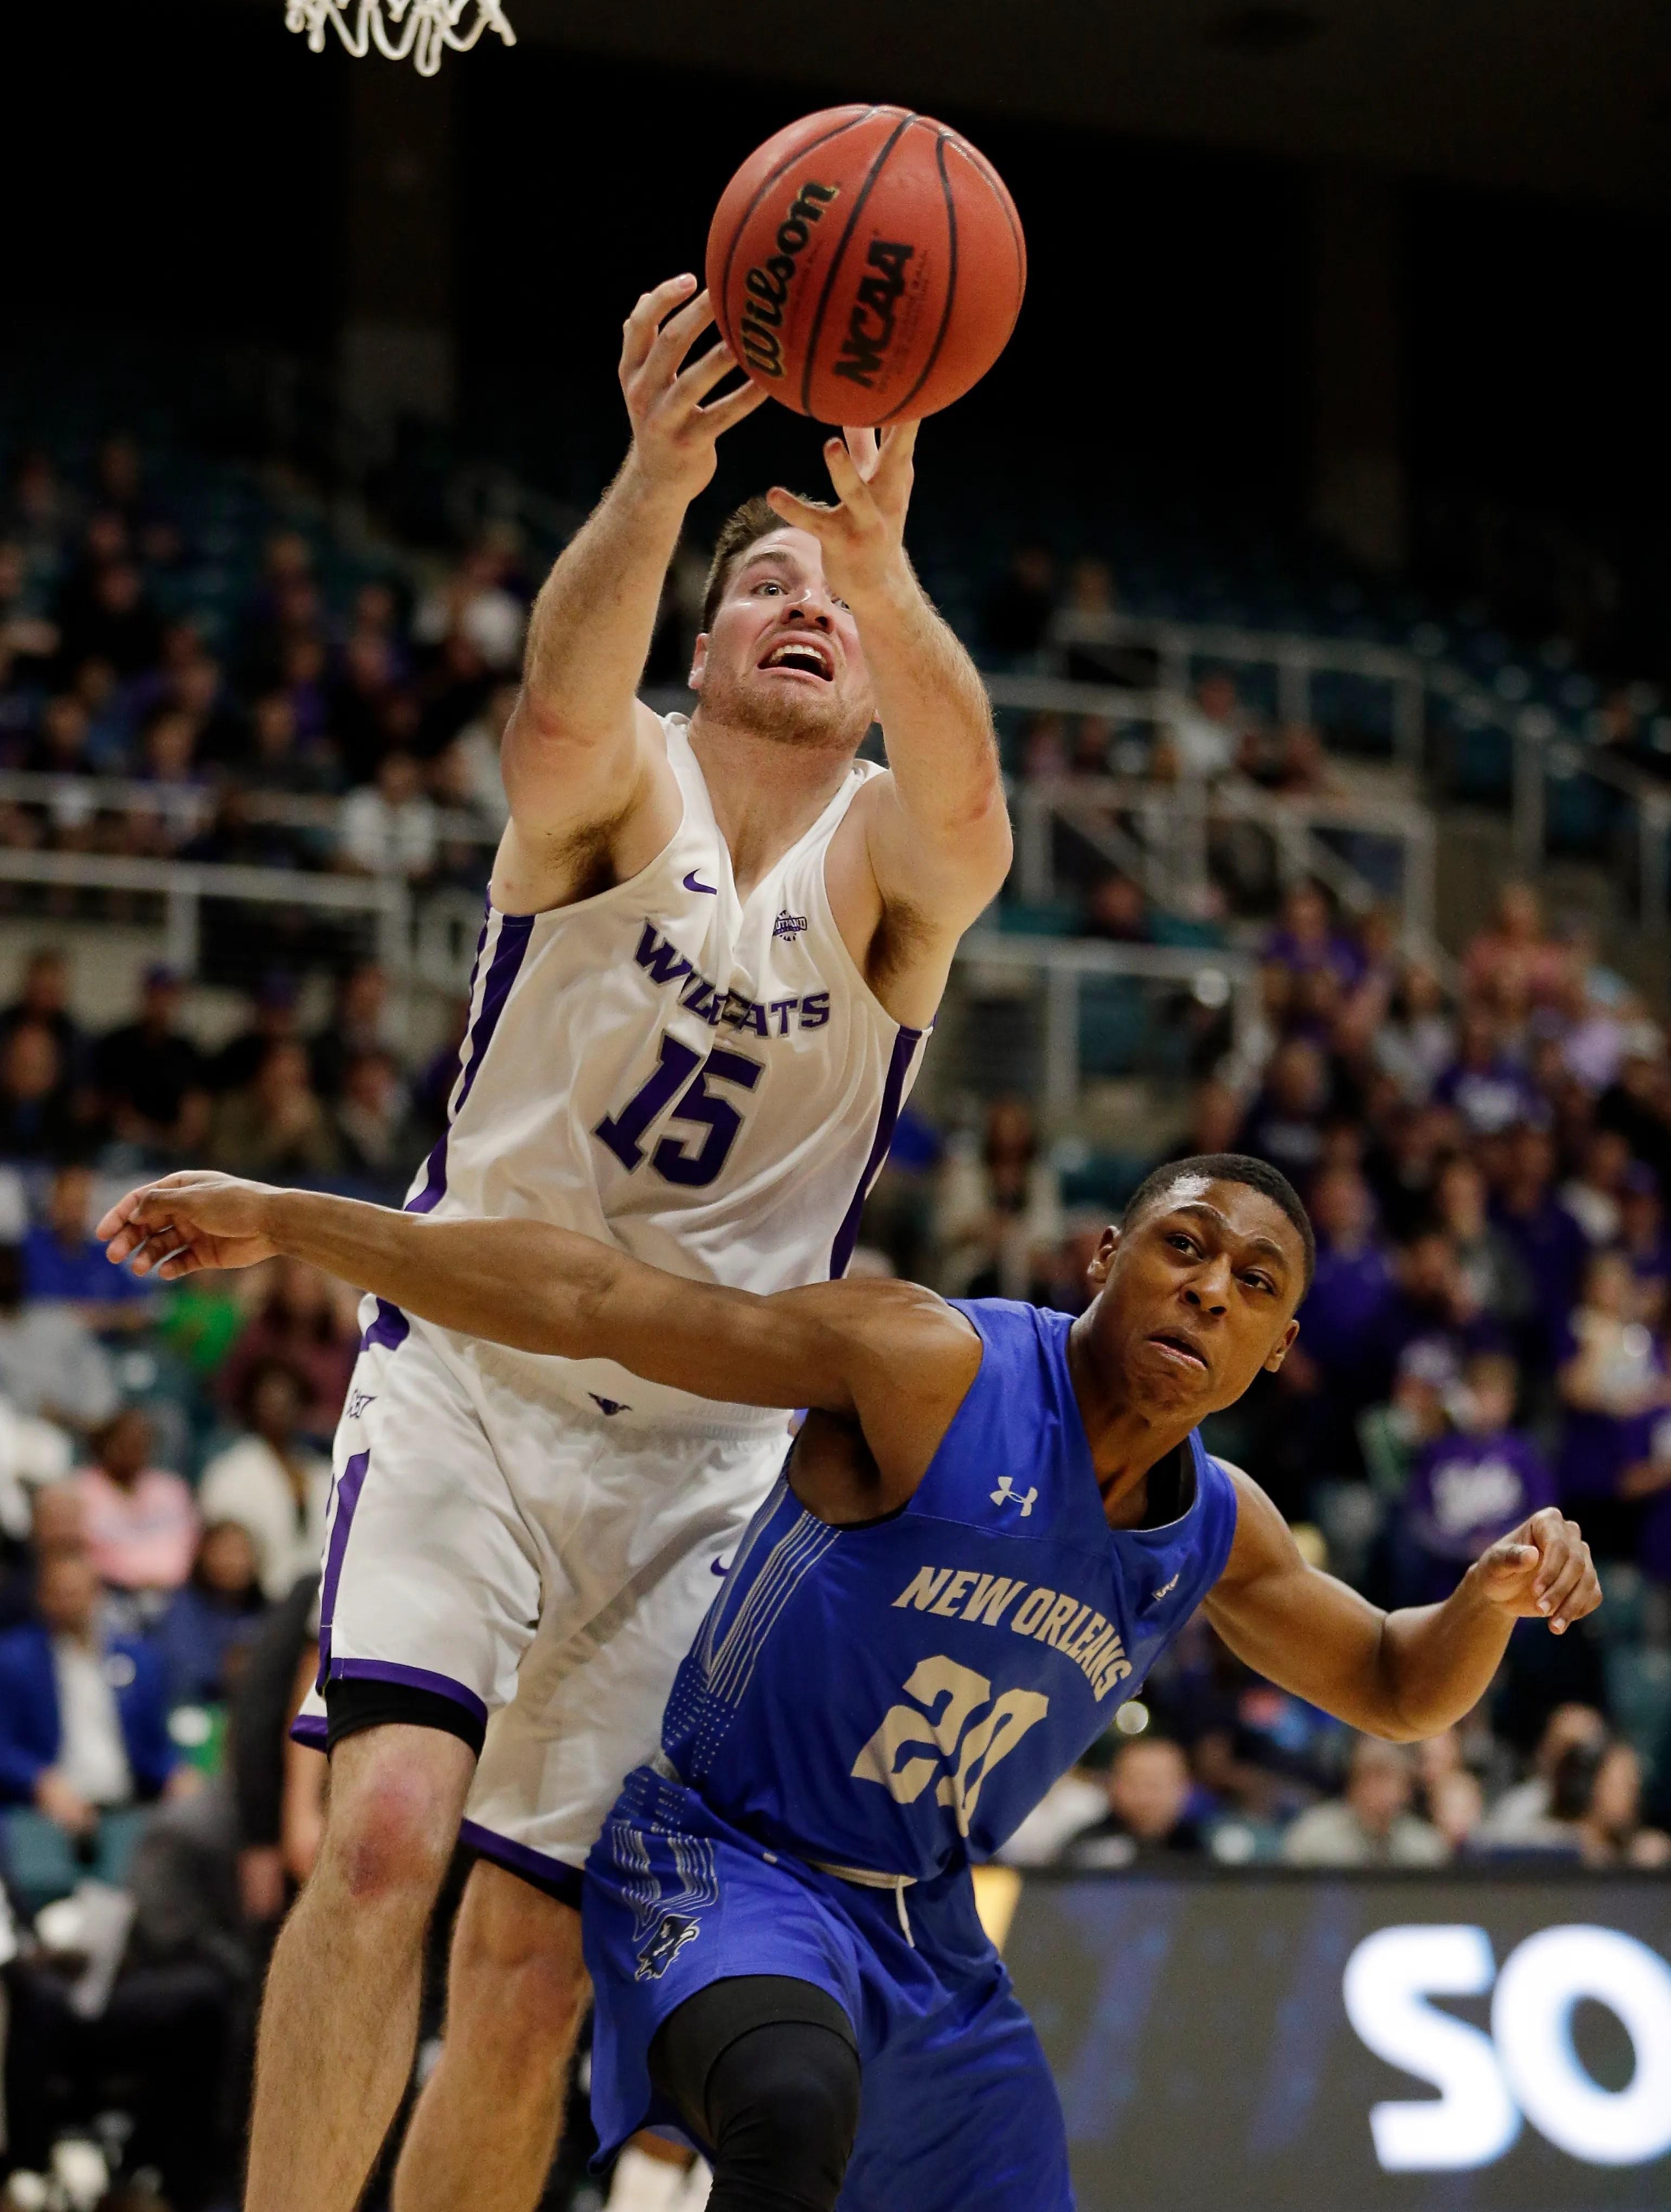 NCAA Tournament 2019: 4 facts on Abilene Christian basketball